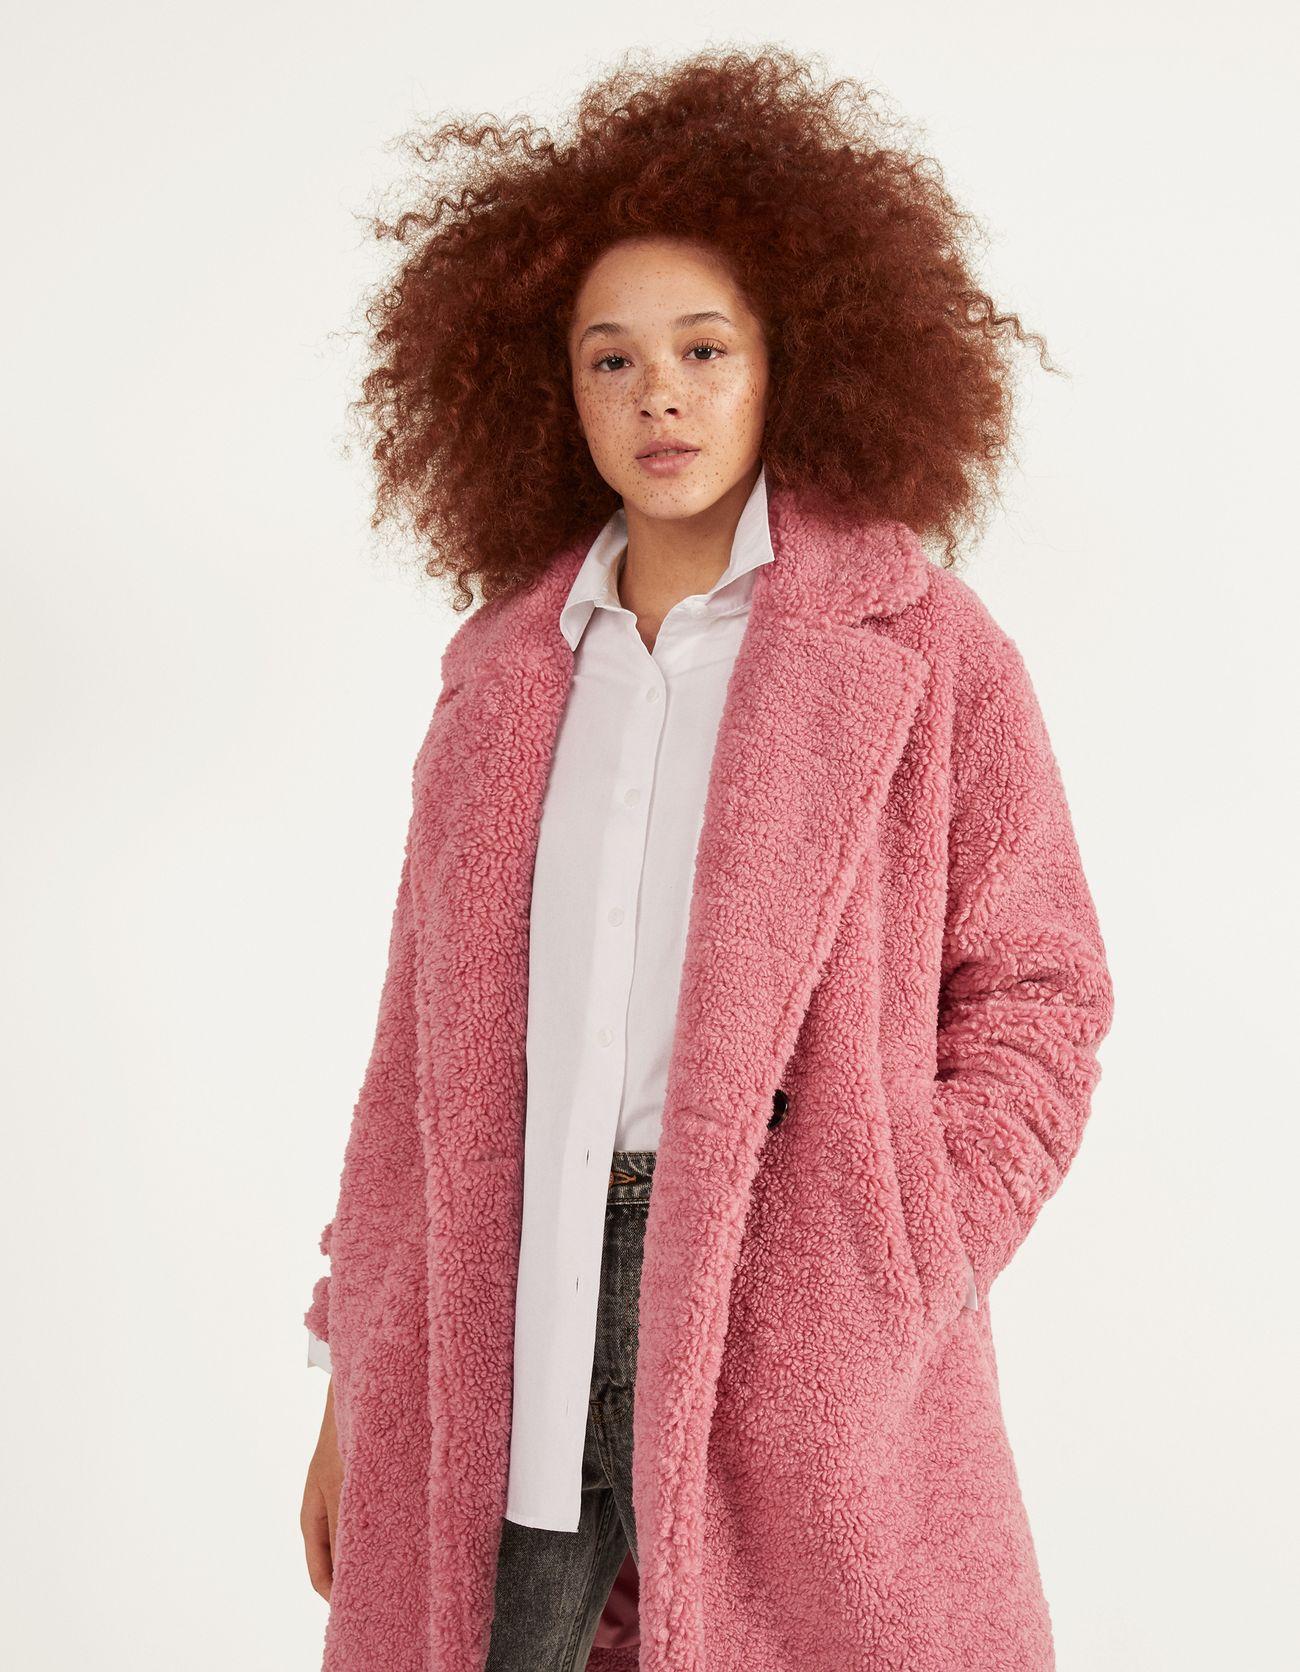 Пальто из меха под овчину Розовый Bershka